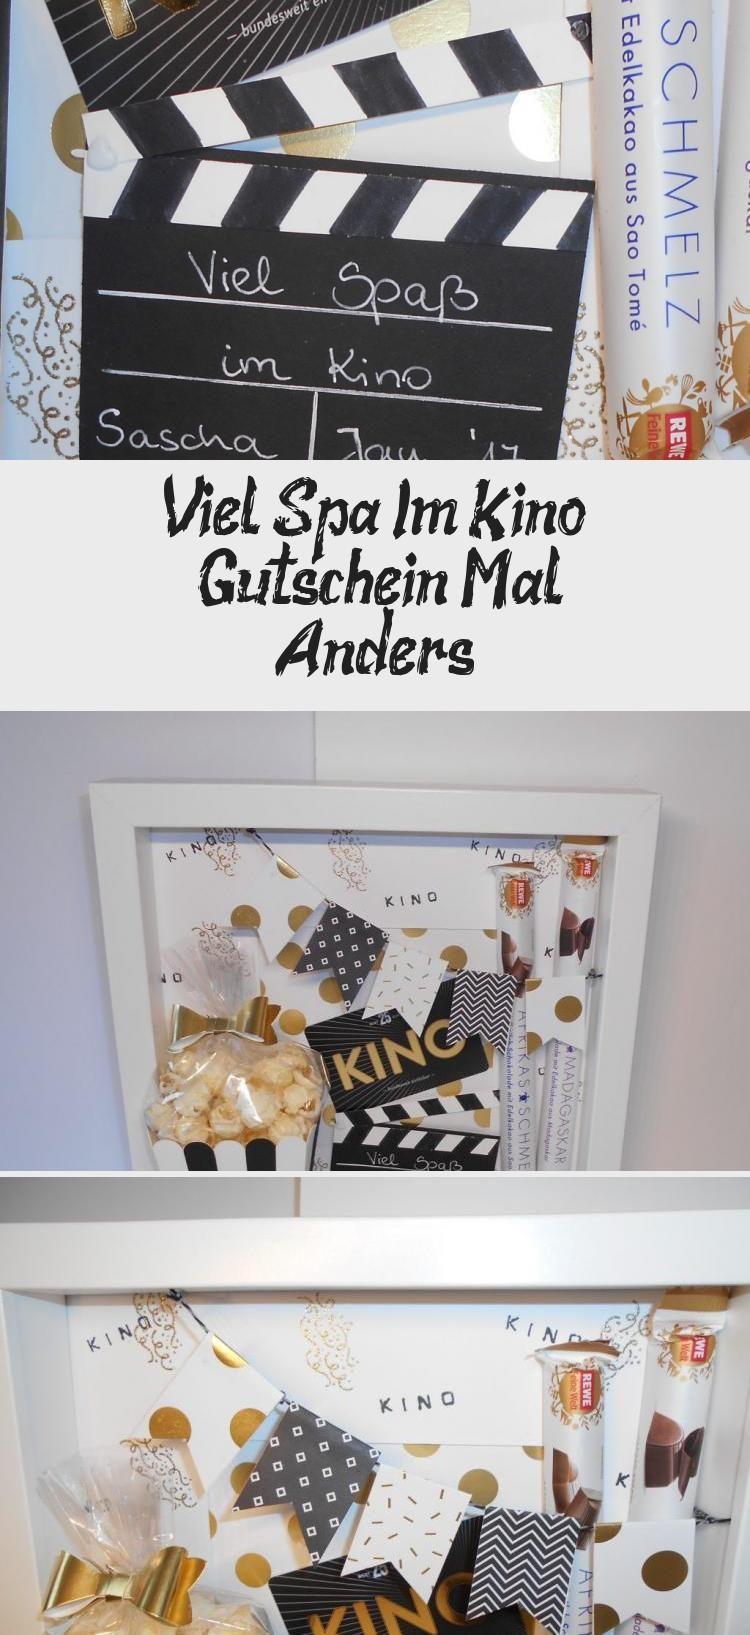 For going to the cinema #gift #idea #geschenk #diy #geschenkVideos #geschenkVerpackung #Wellnessgeschenk #geschenkKinder #geschenkEssen #kinoboxgeschenk